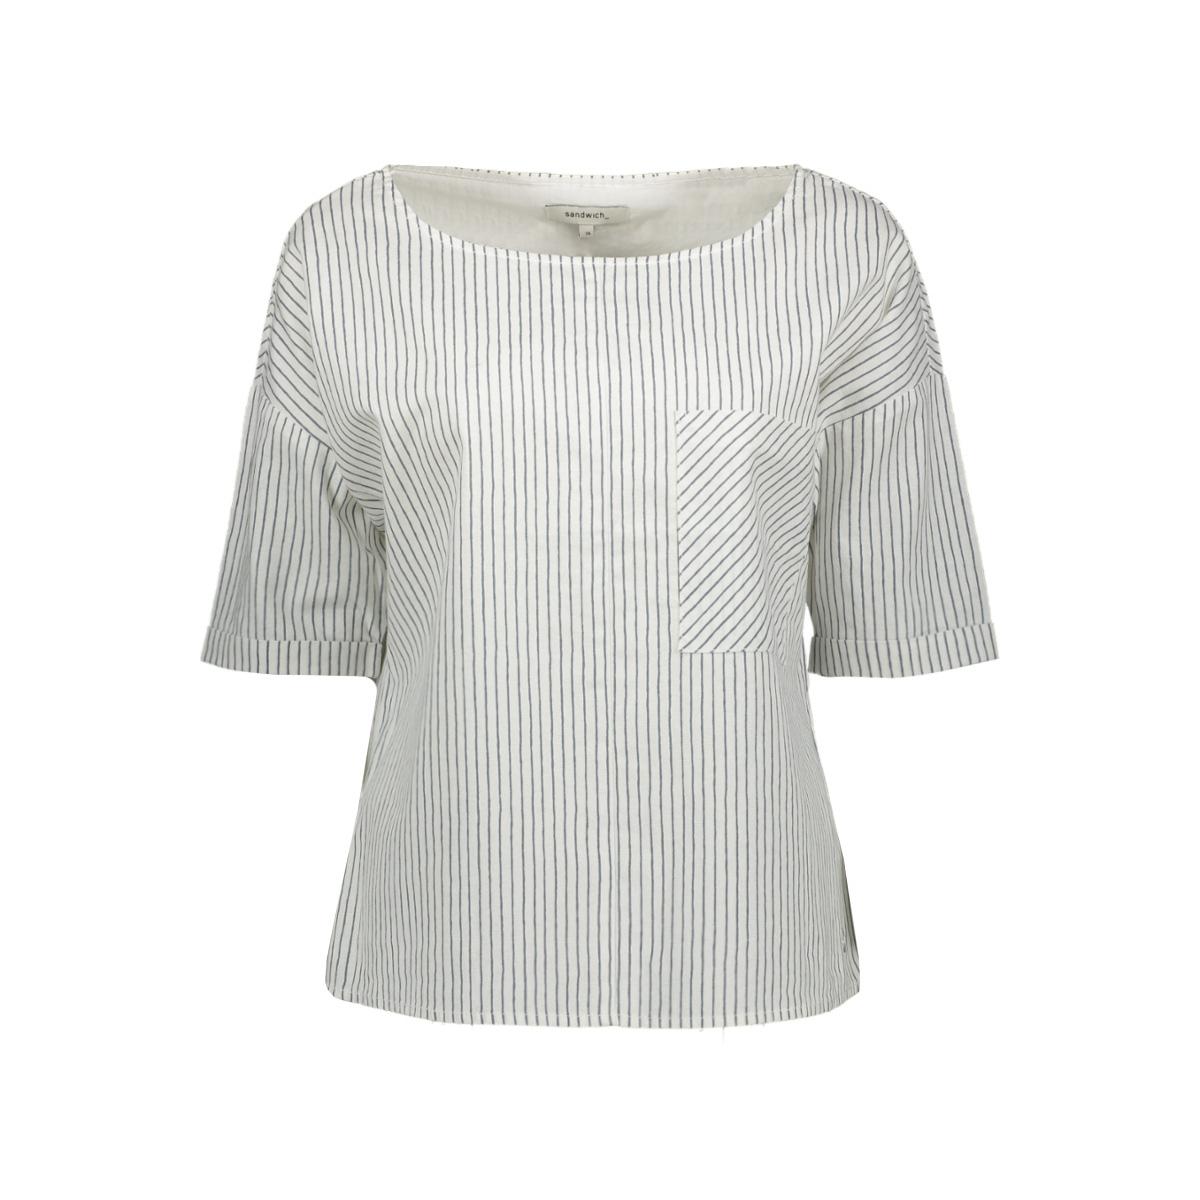 blouse met streeppatroon 22001686 sandwich blouse 10058